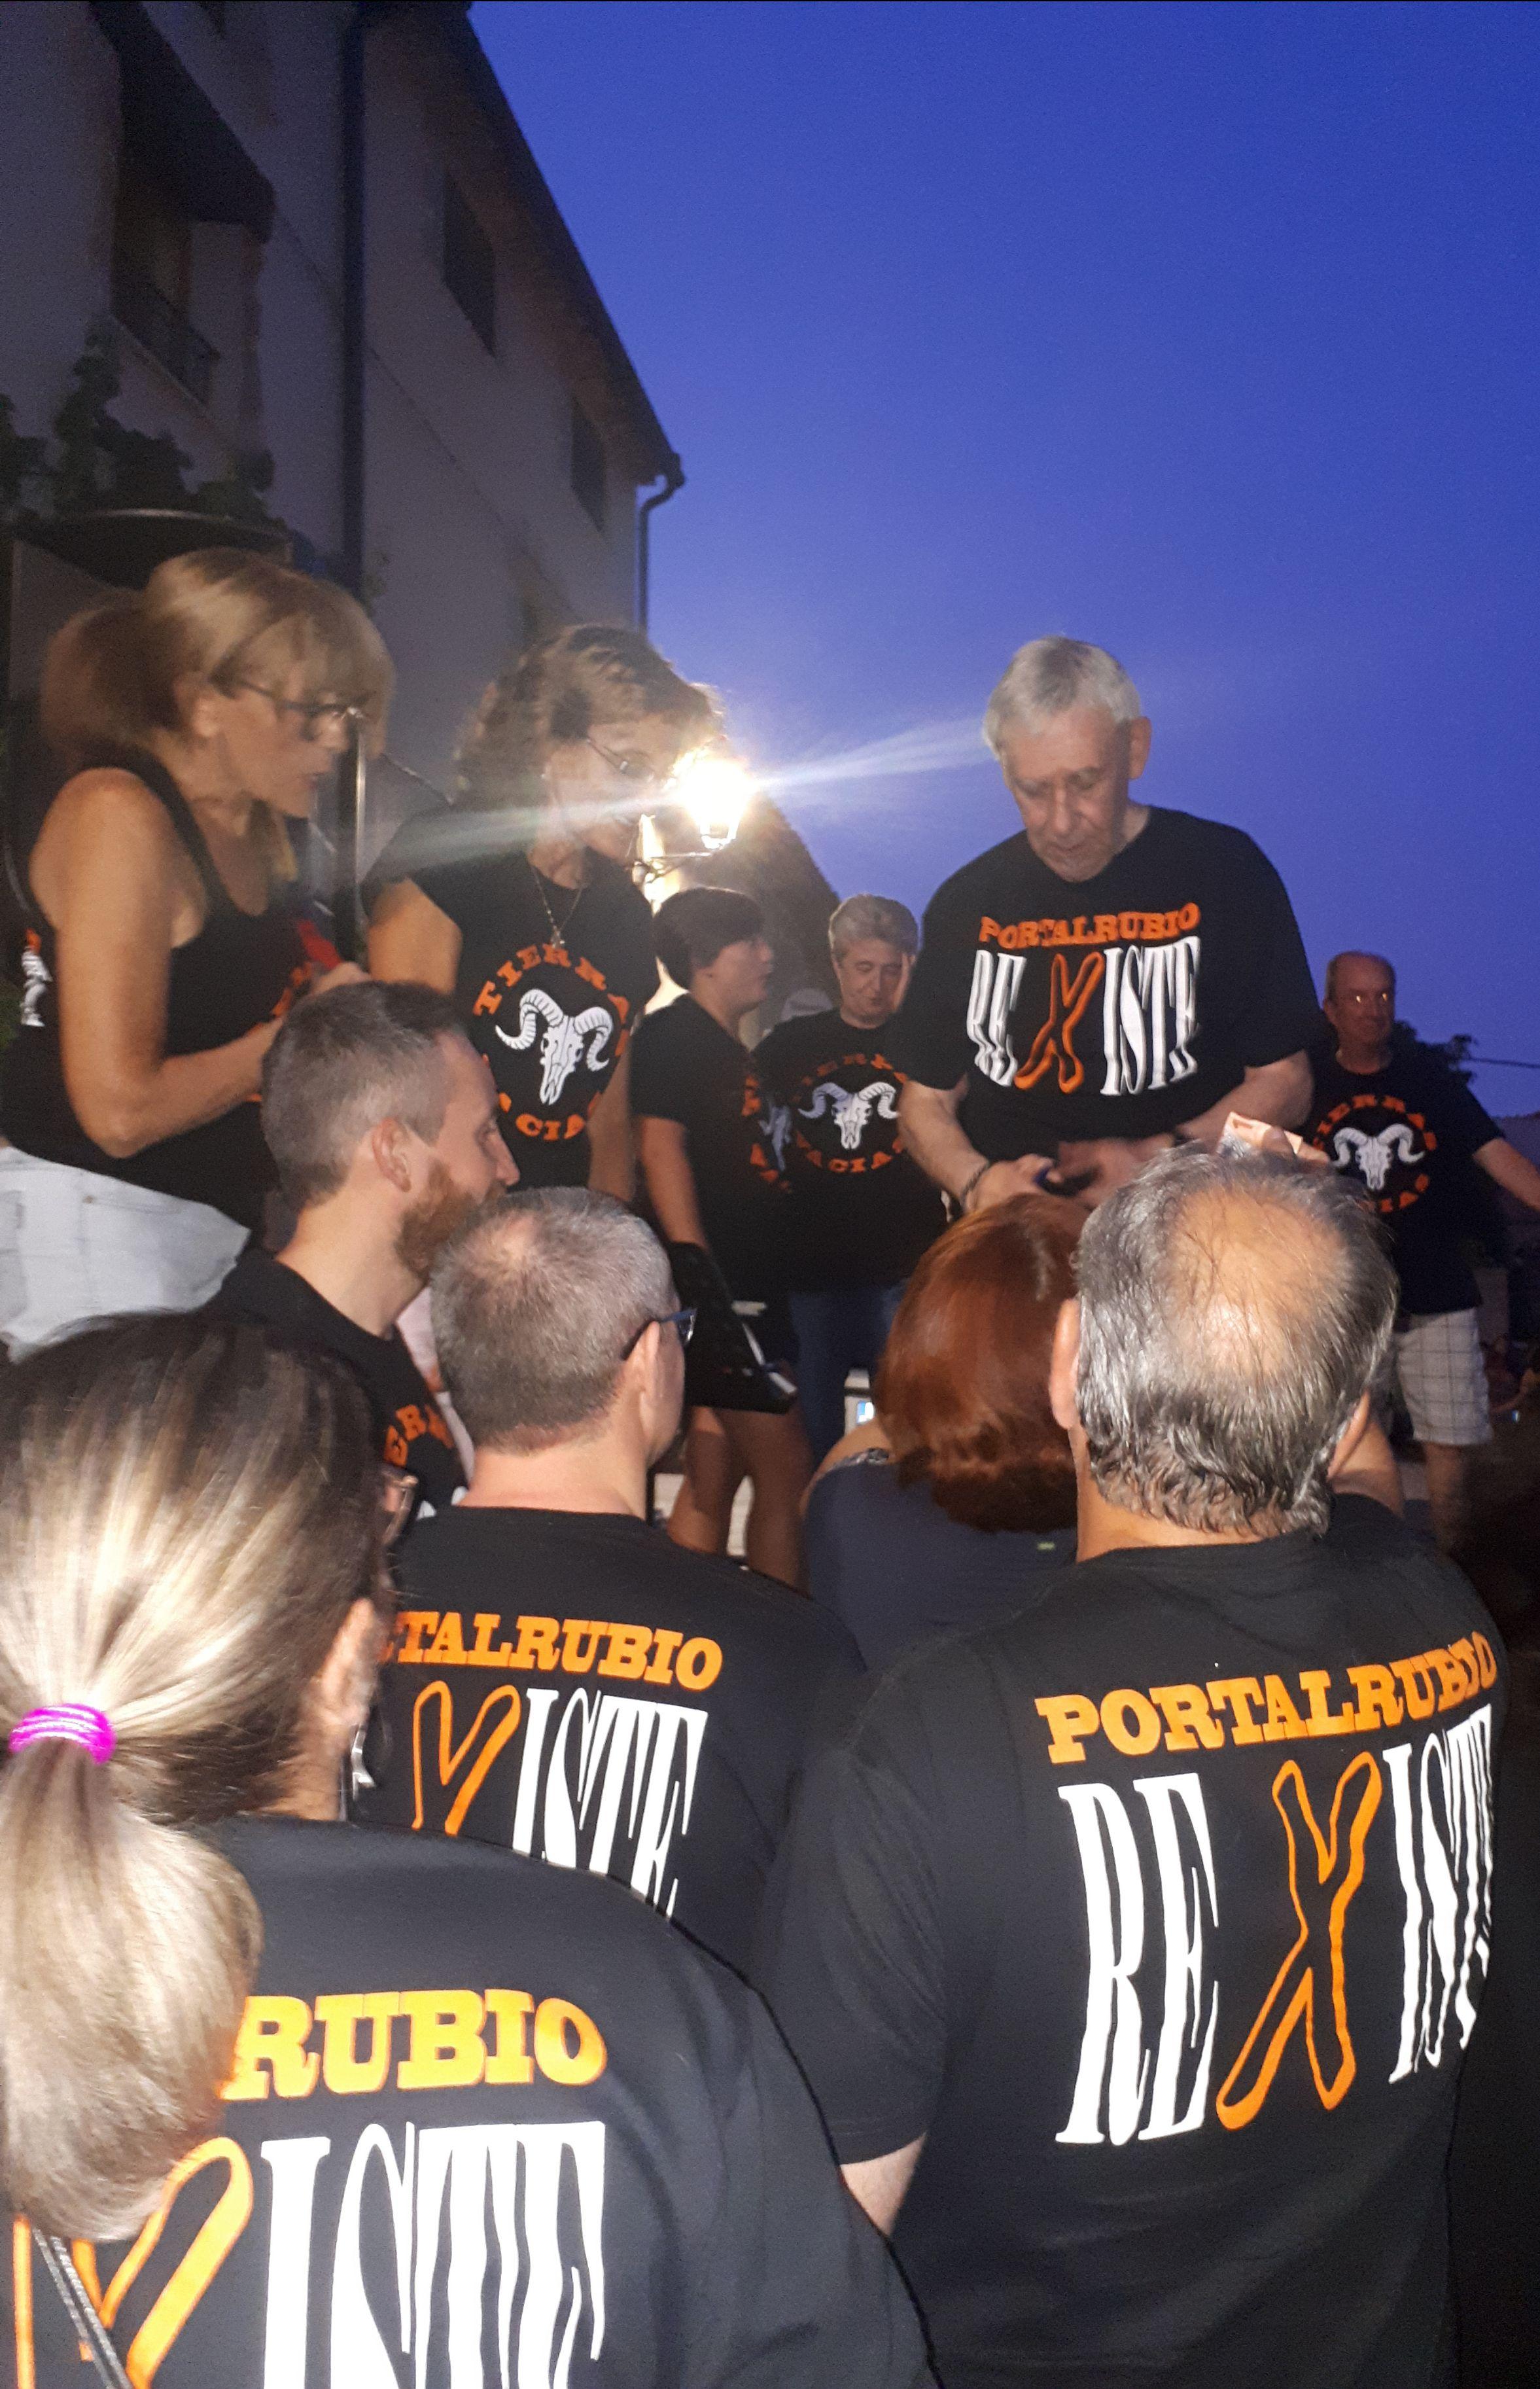 Joaquin Carbonell en concierto 2019 Portalrubio